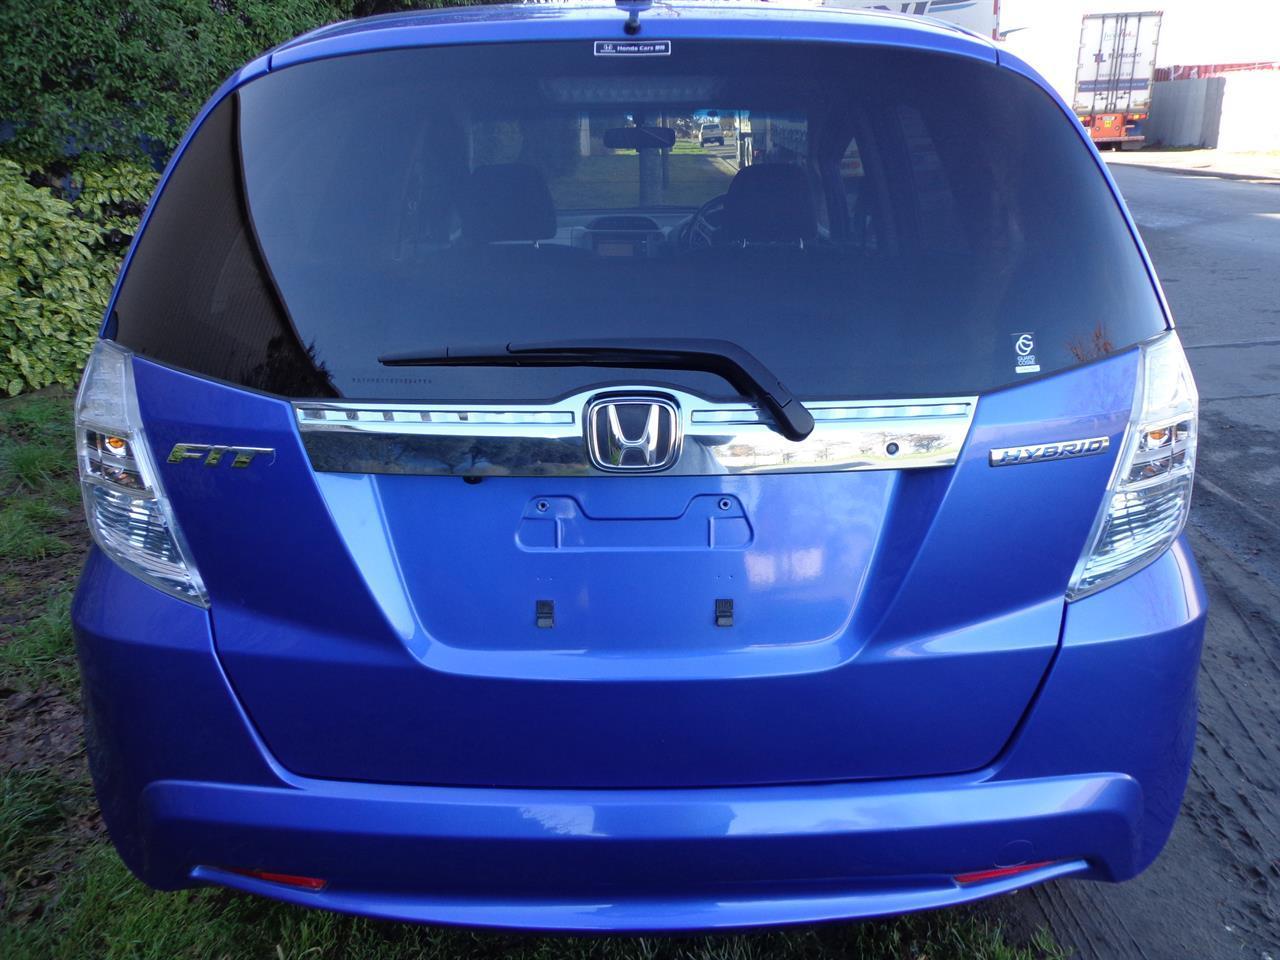 image-3, 2012 Honda FIT HYBRID at Christchurch